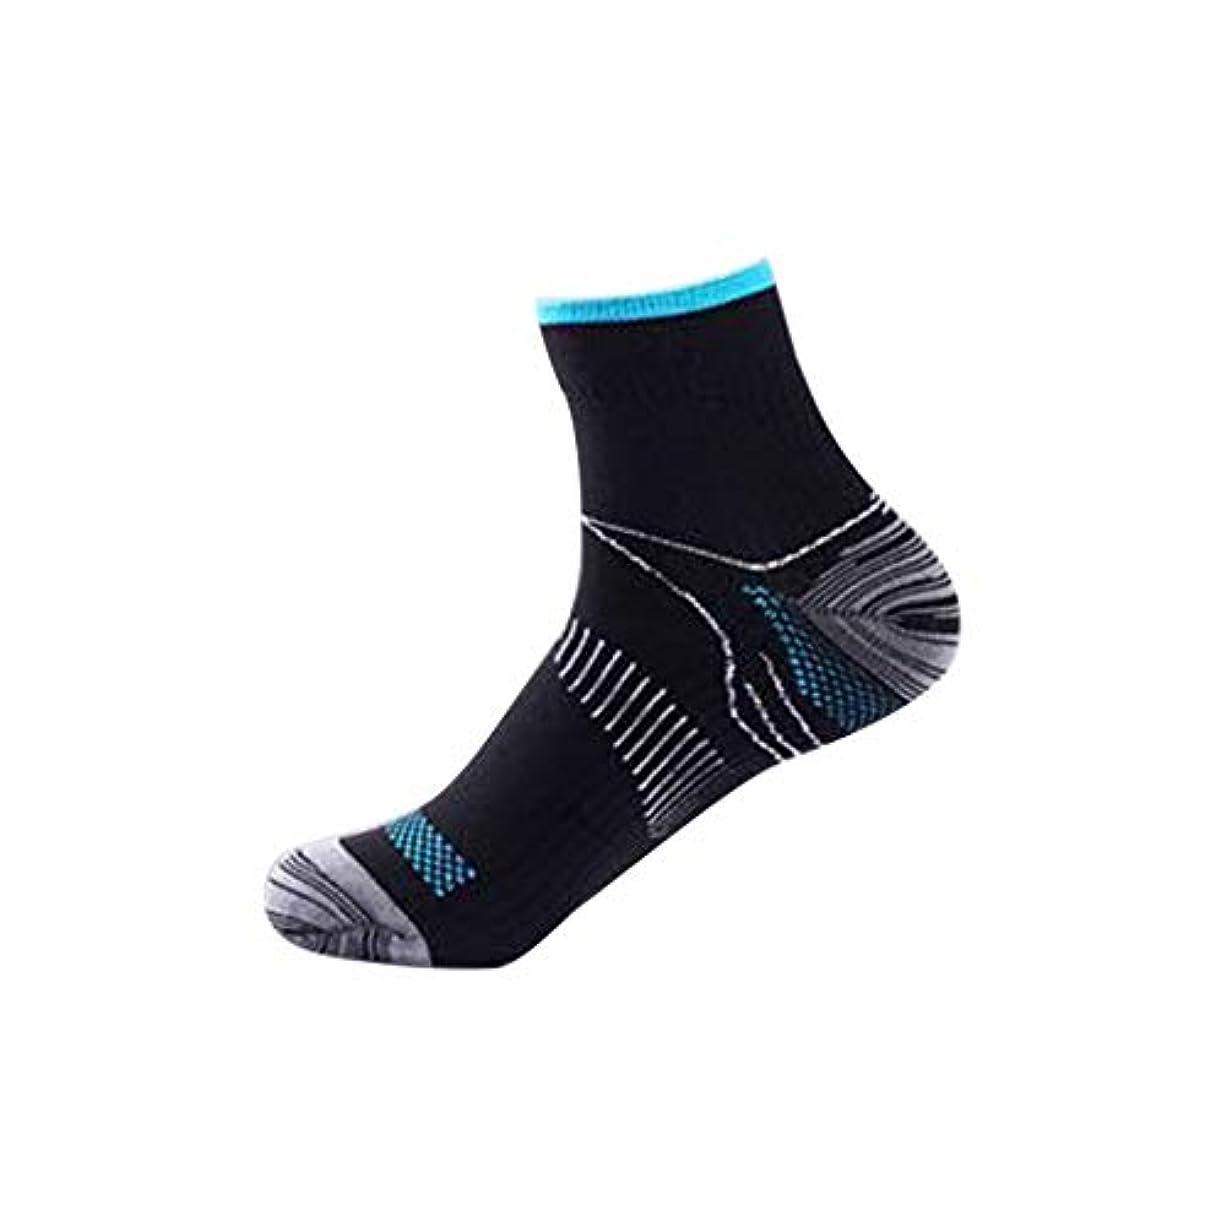 二度毎回台無しに快適な男性の女性の膝の靴下のサポートストレッチ通気性の靴下の下の短いストレッチ圧縮の靴下(Color:black&blue)(Size:S/M)